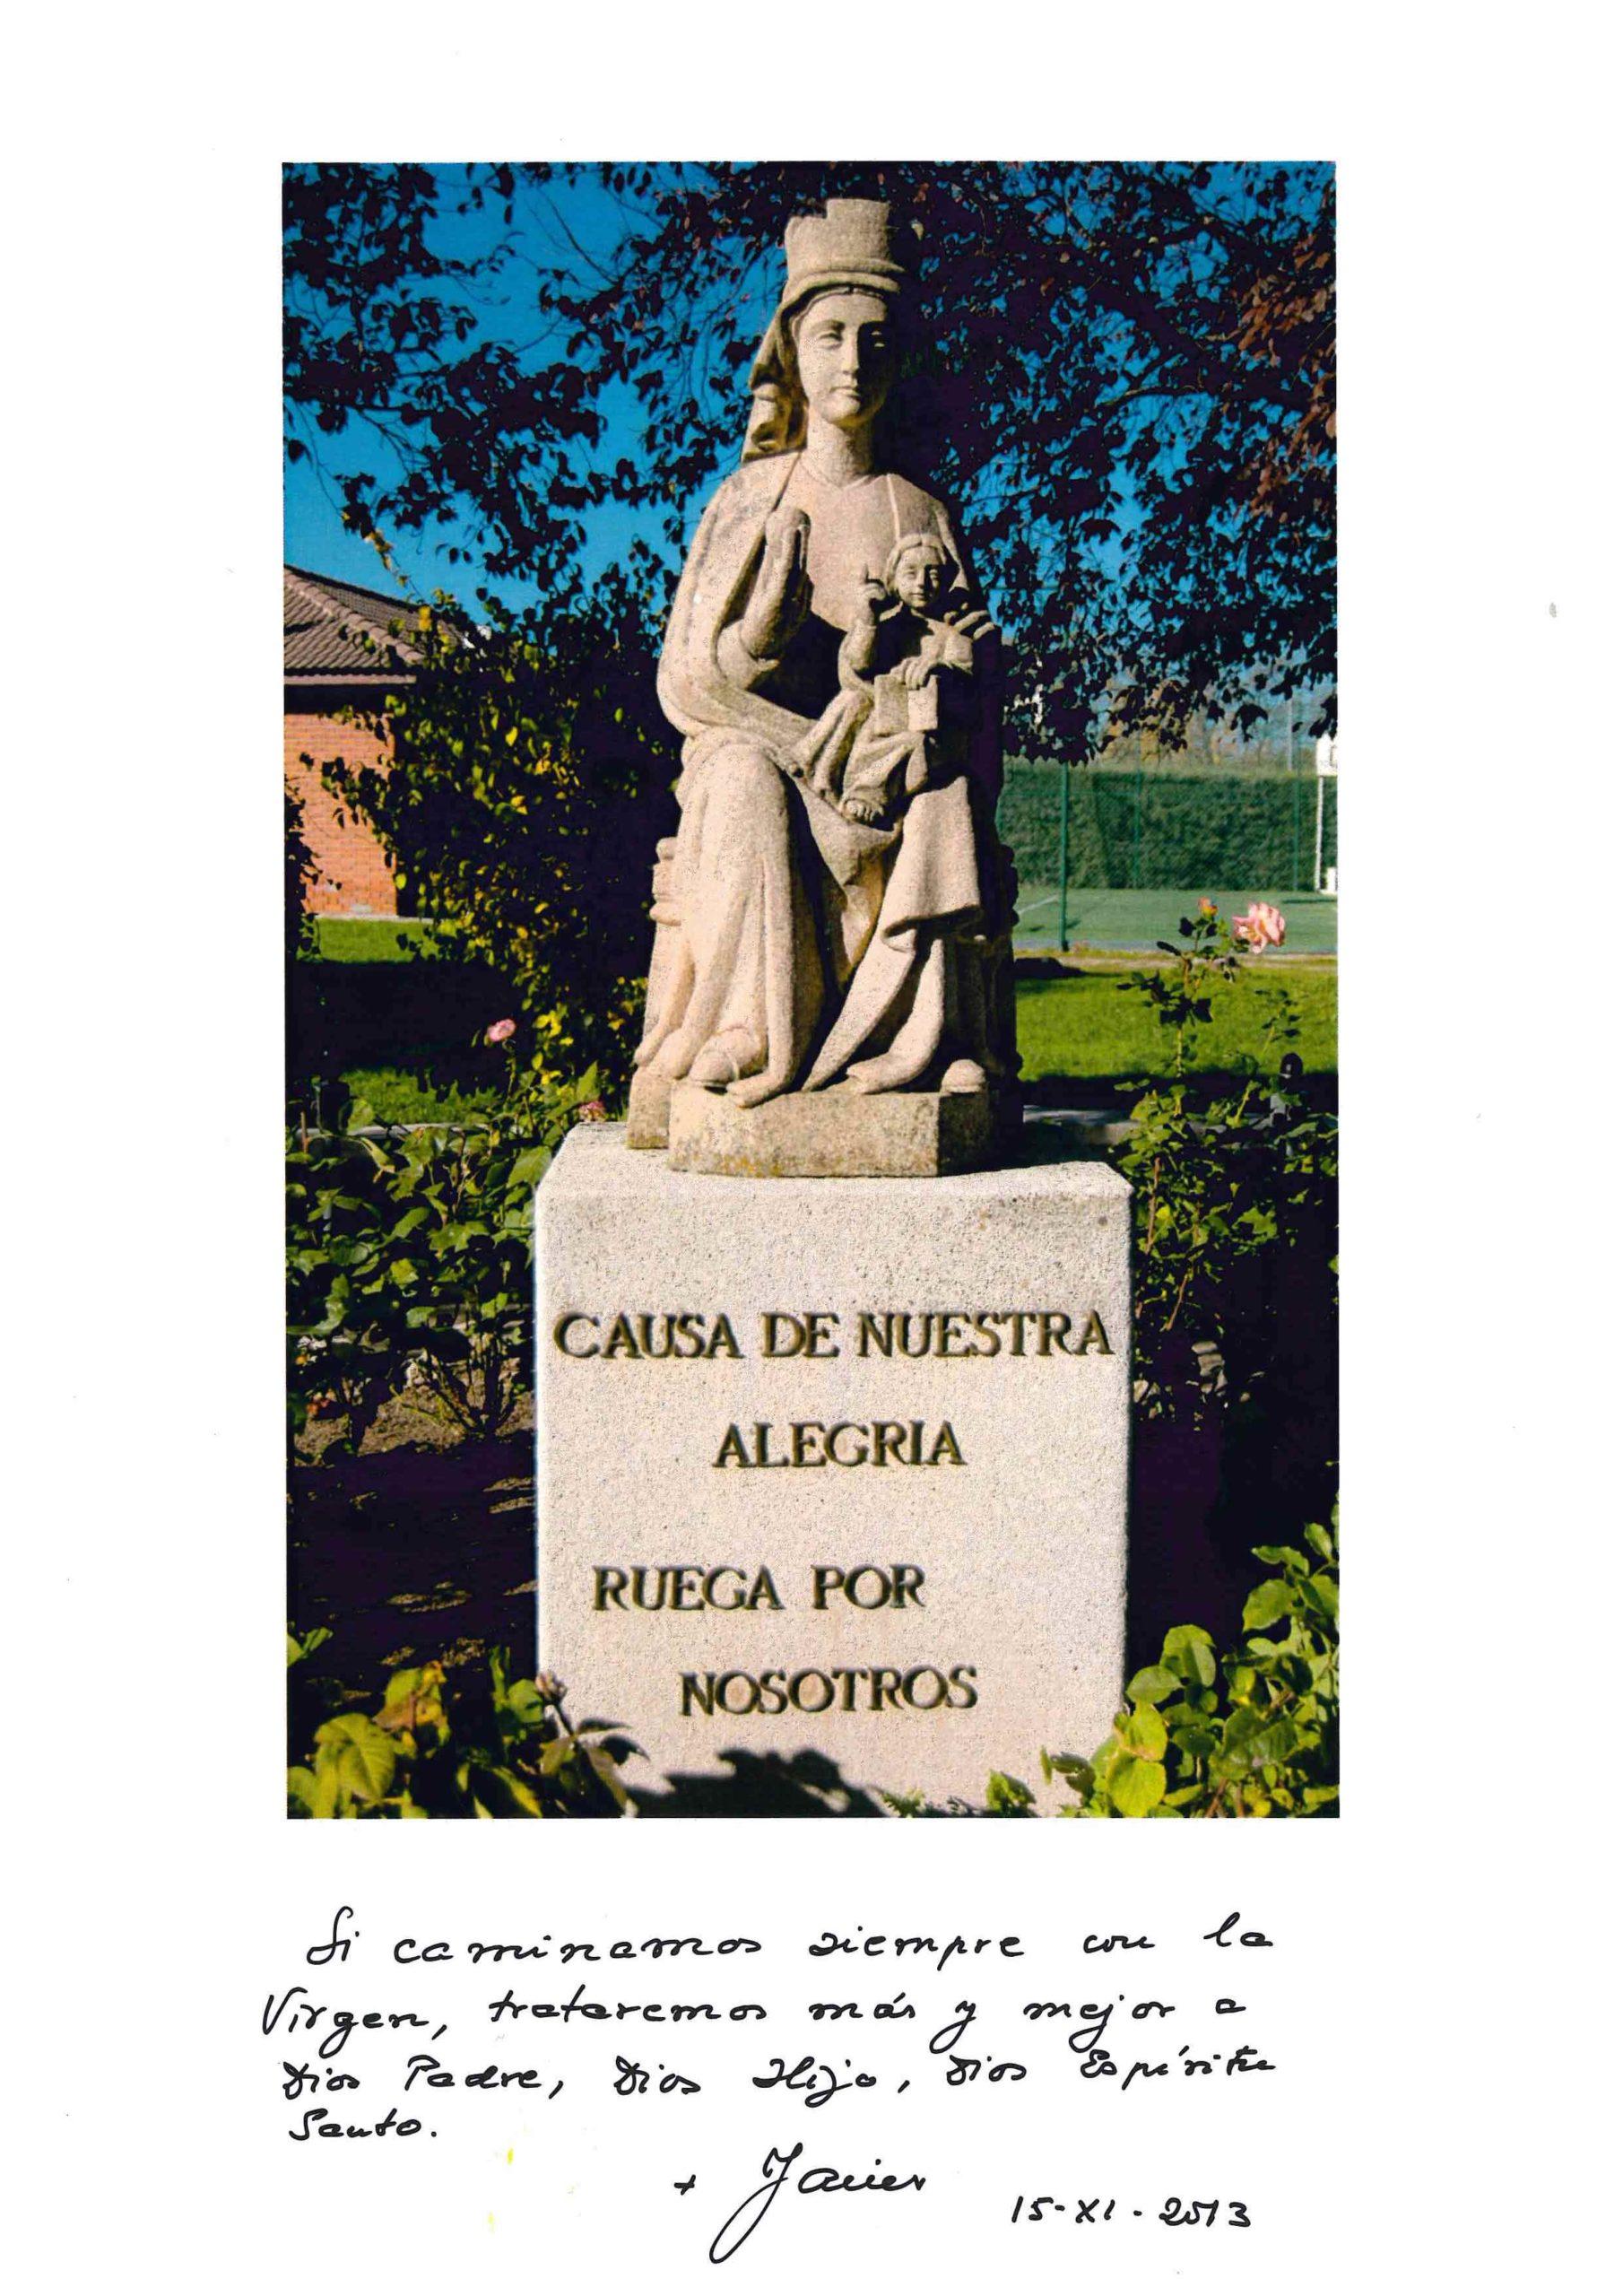 Estampa de la Virgen de Orvalle, firmada por el Prelado del Opus Dei en 2013.